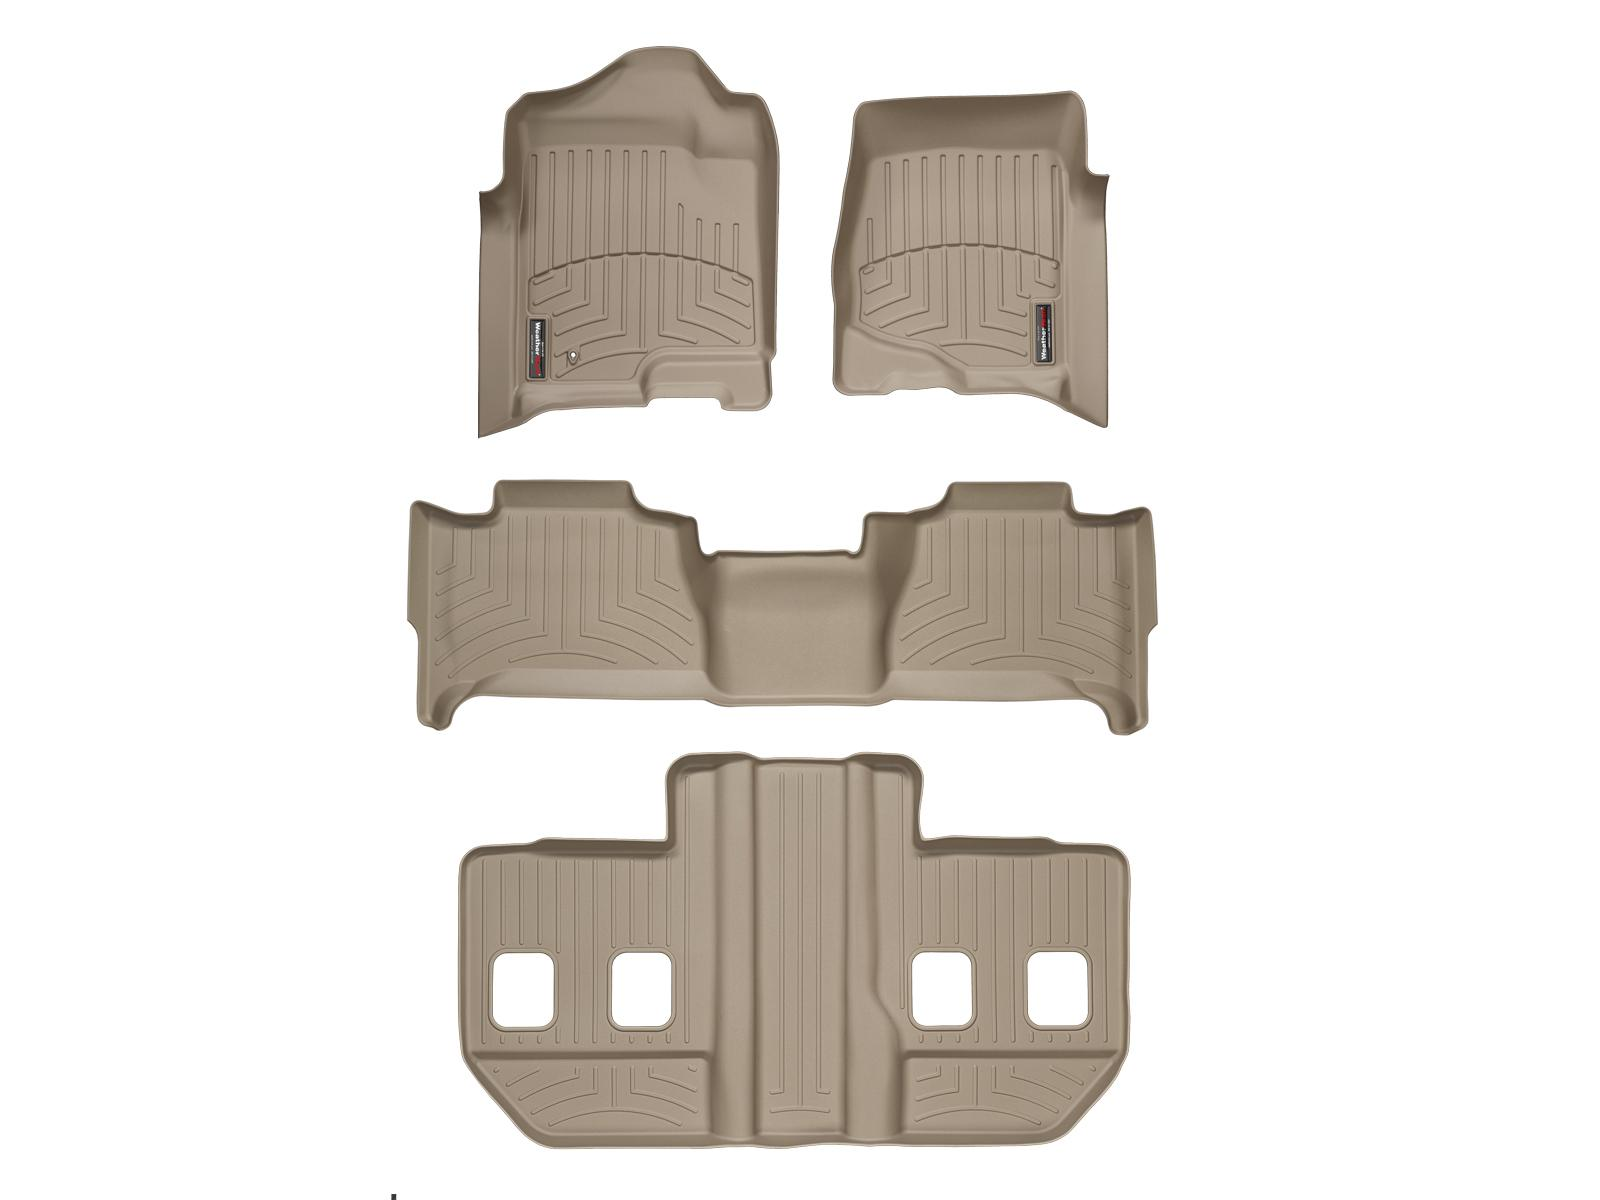 Tappeti gomma su misura bordo alto Cadillac Escalade ESV 07>10 Marrone A47*